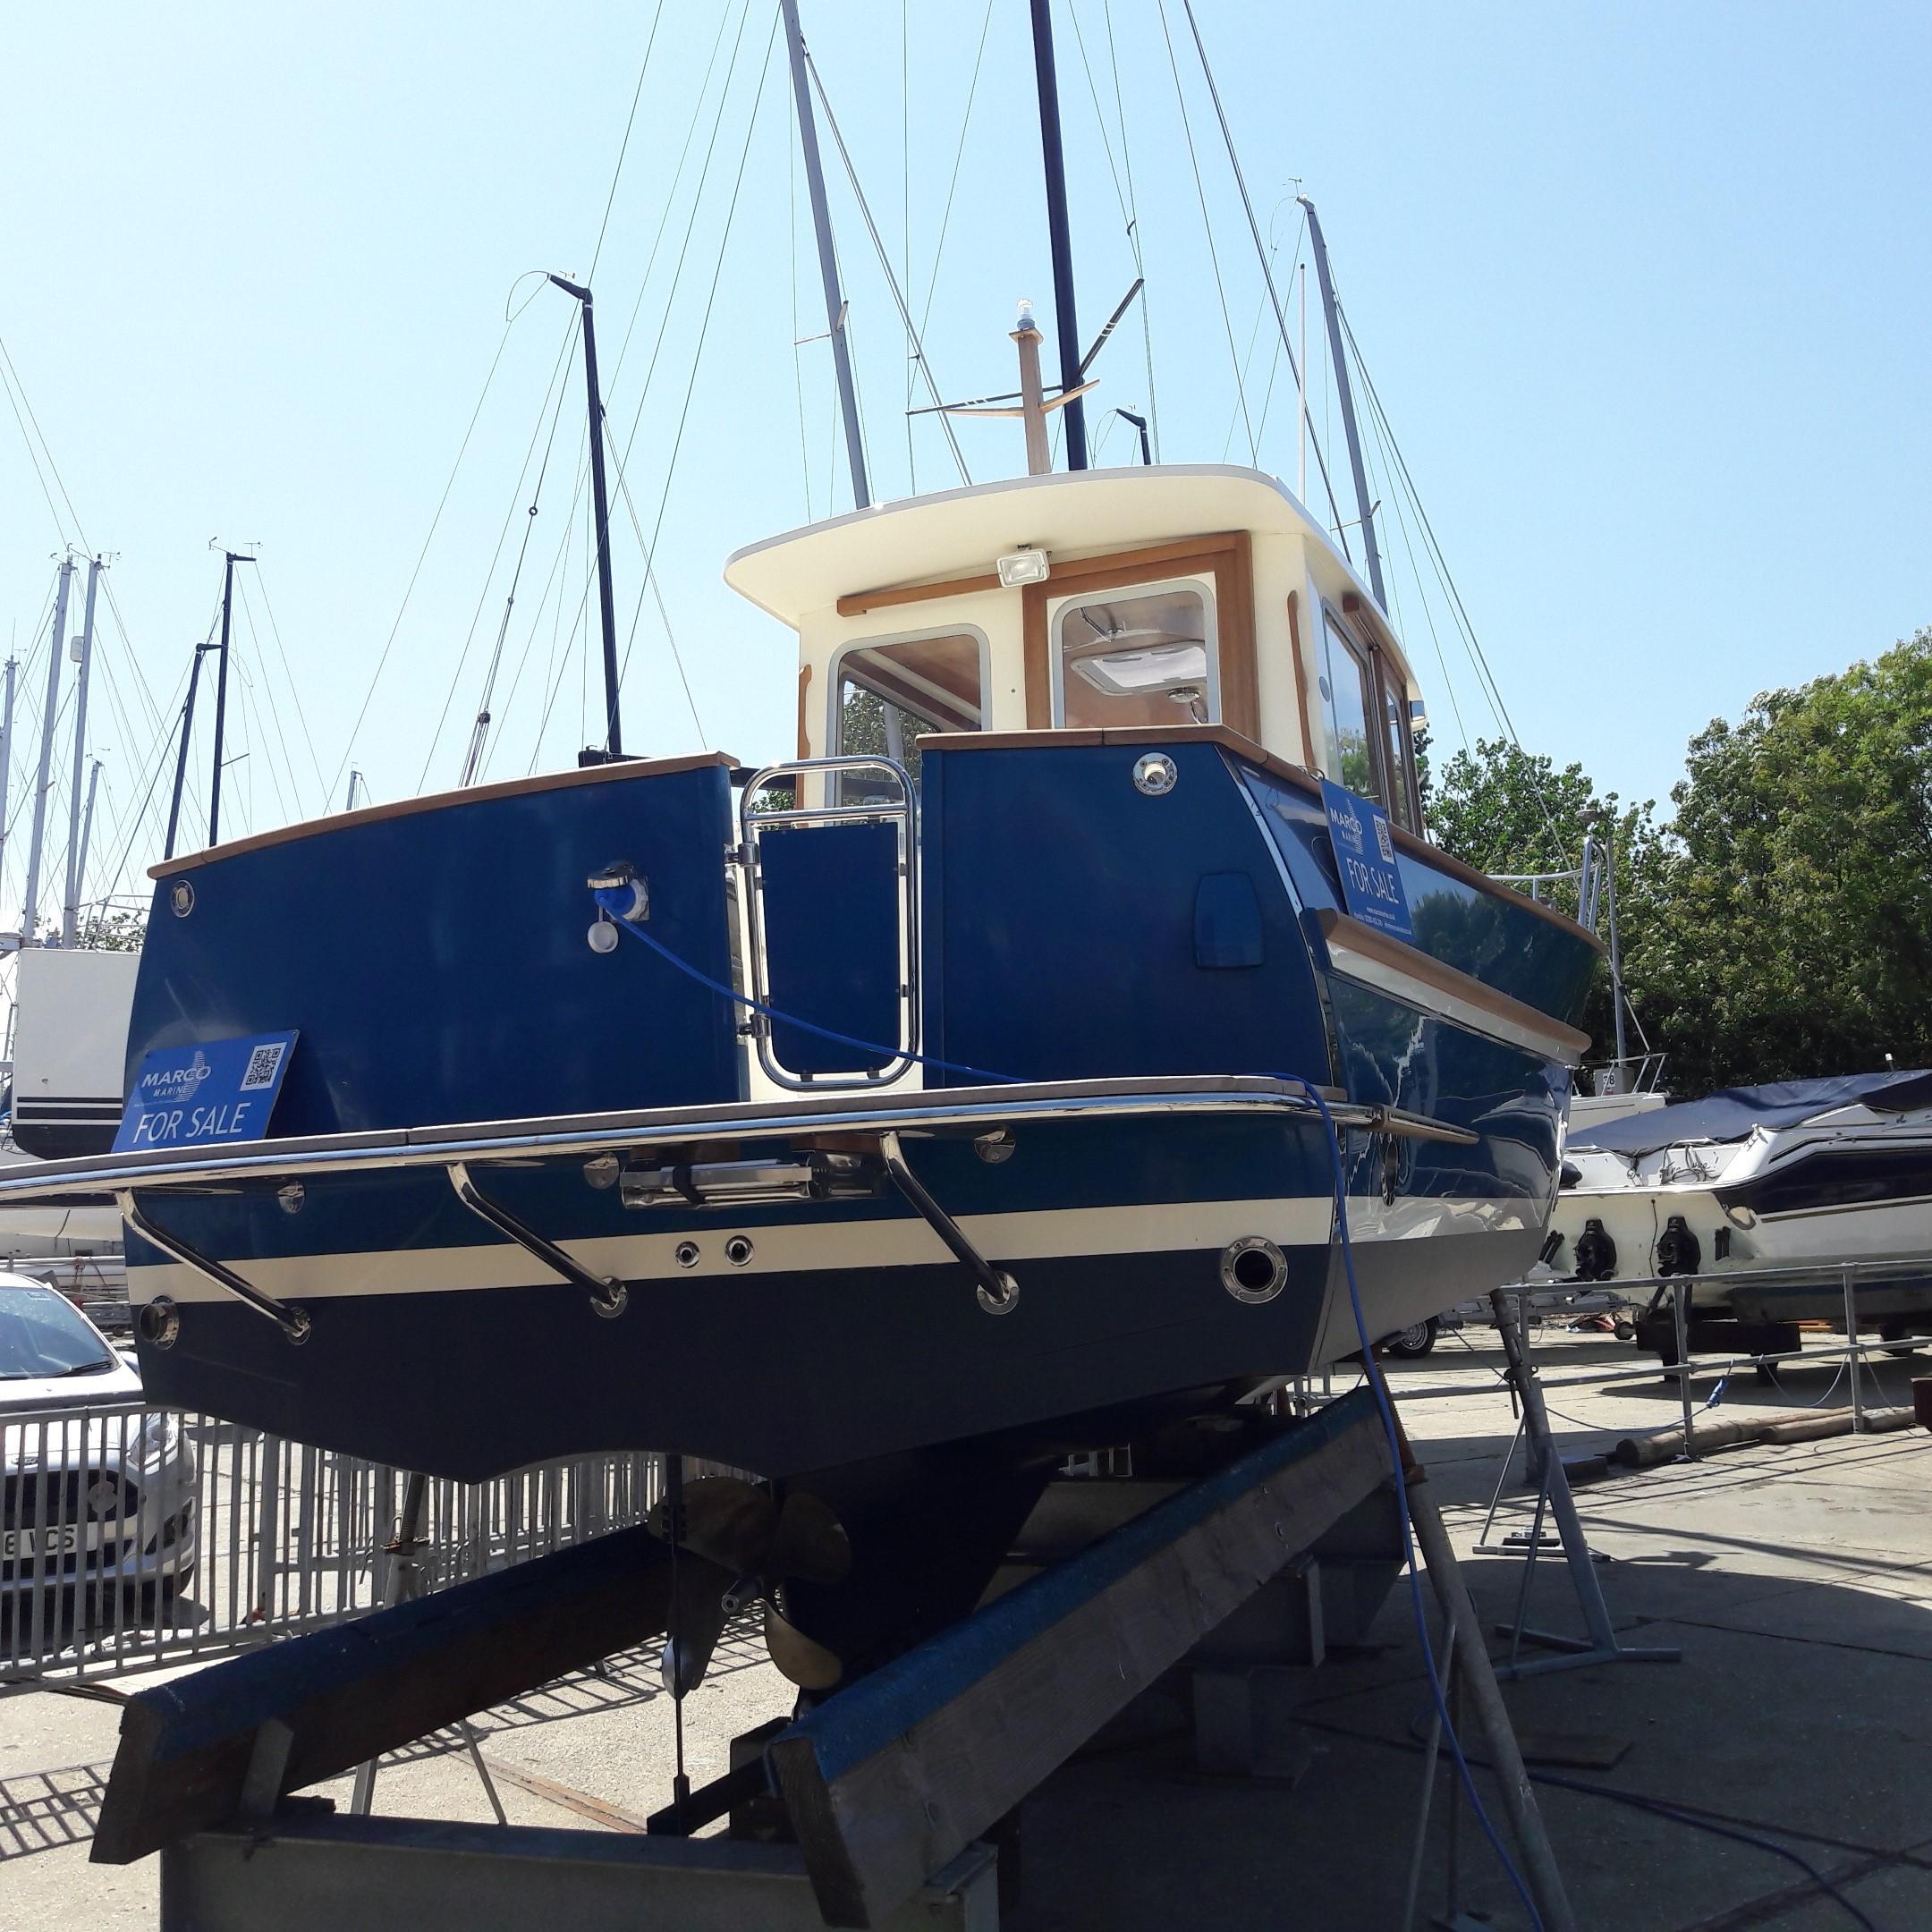 Rhea 730 Timonier - tumblehome stern